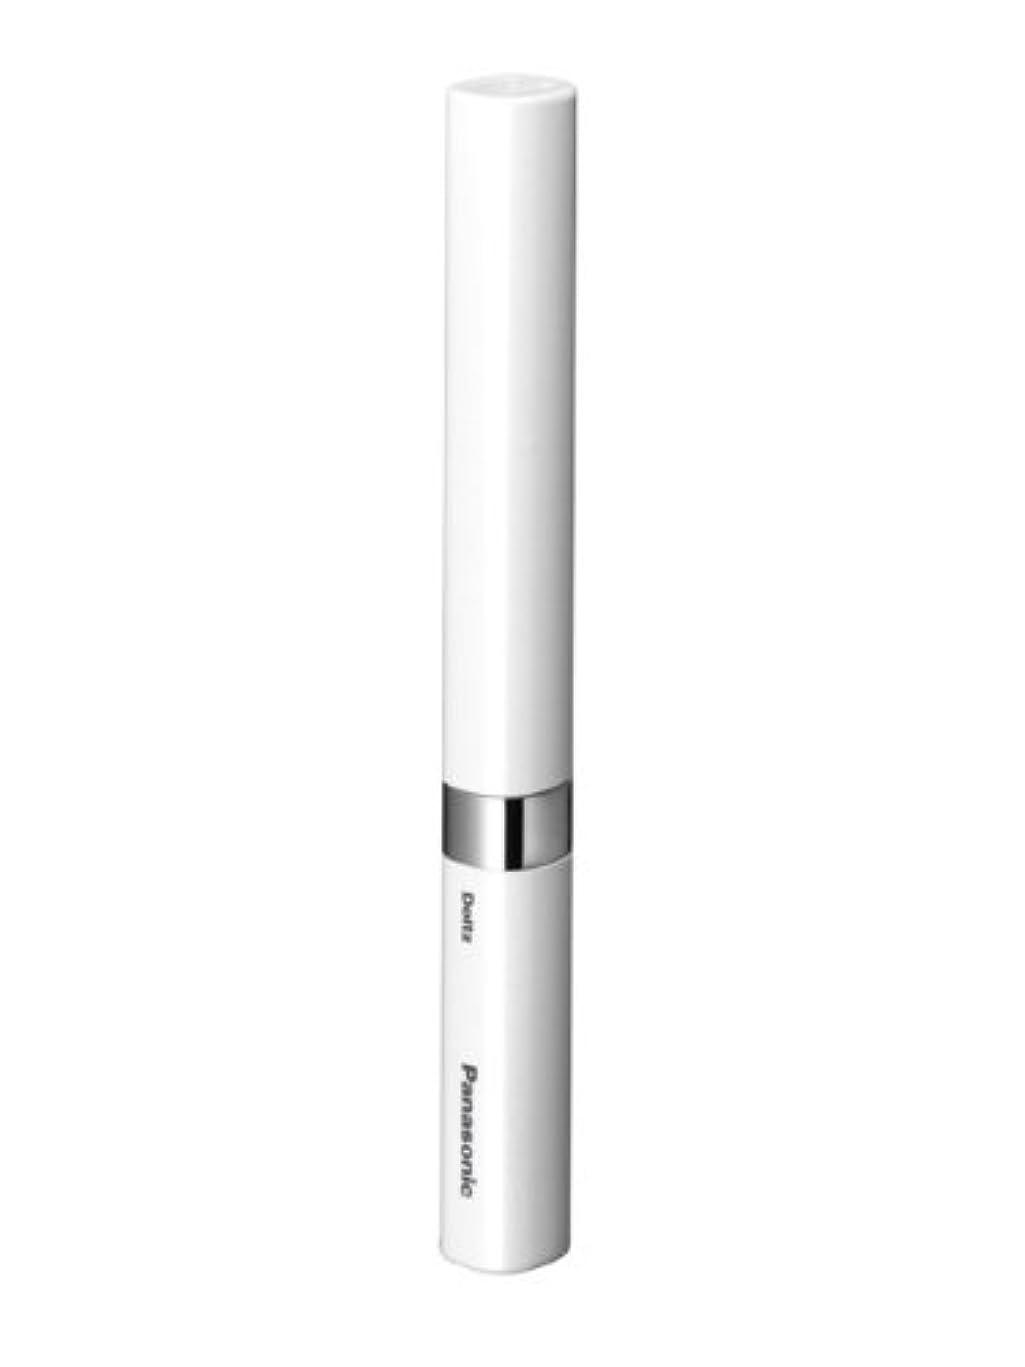 デモンストレーションバスルーム幅パナソニック 音波振動ハブラシ ポケットドルツ 白 EW-DS14-W